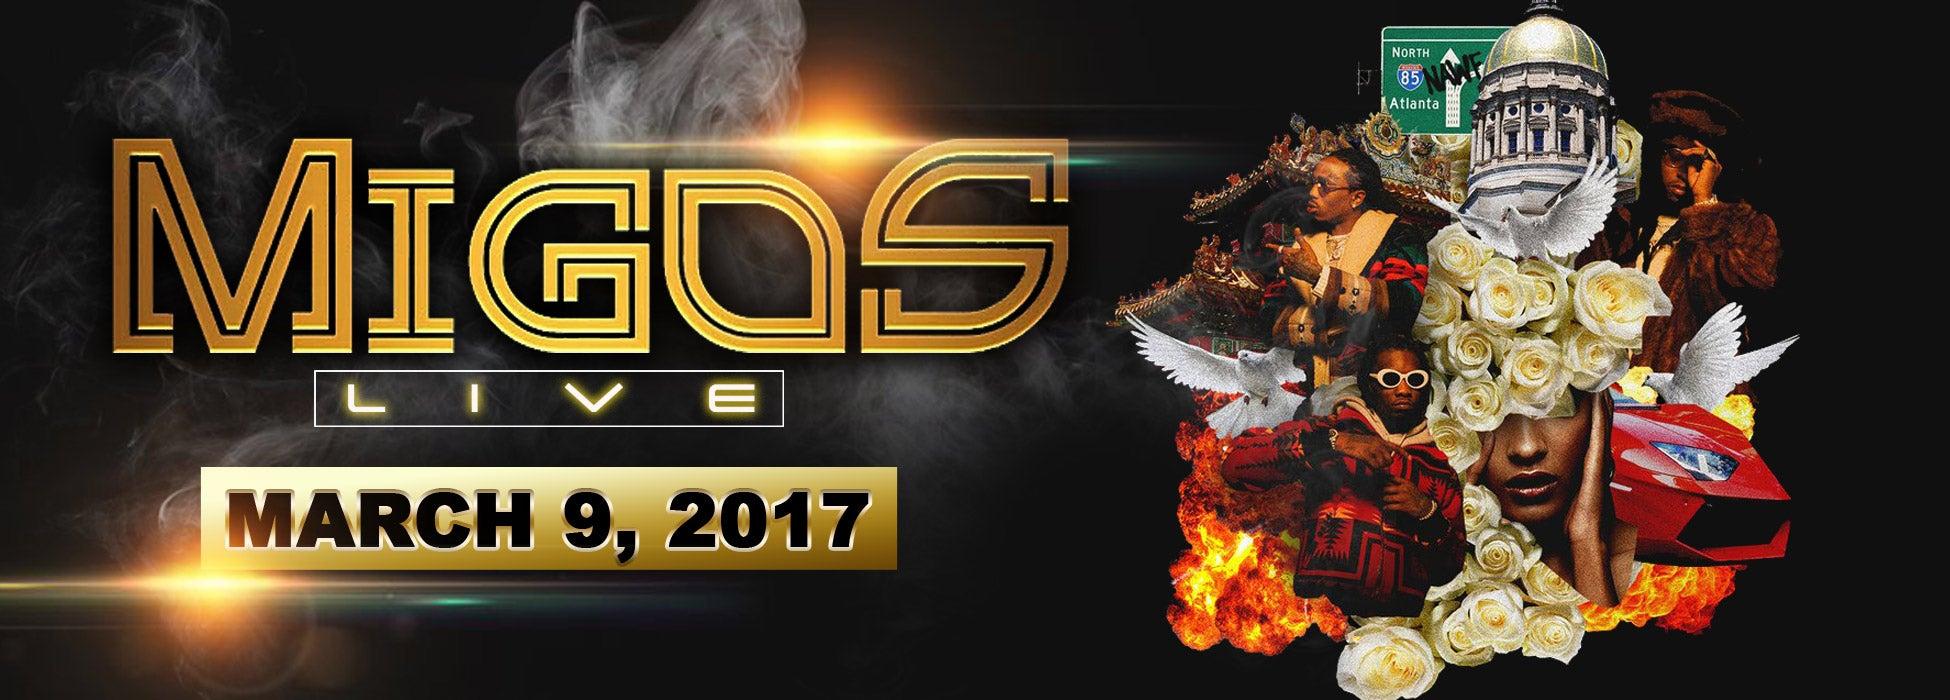 Migos-Updated_1950x700.jpg